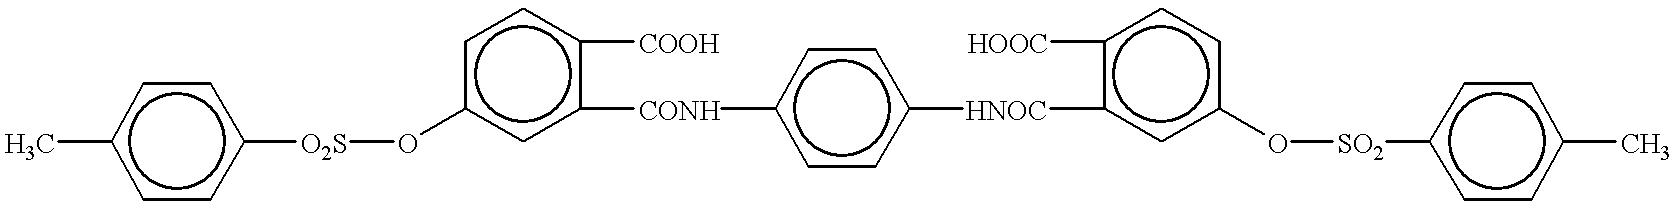 Figure US06180560-20010130-C00413